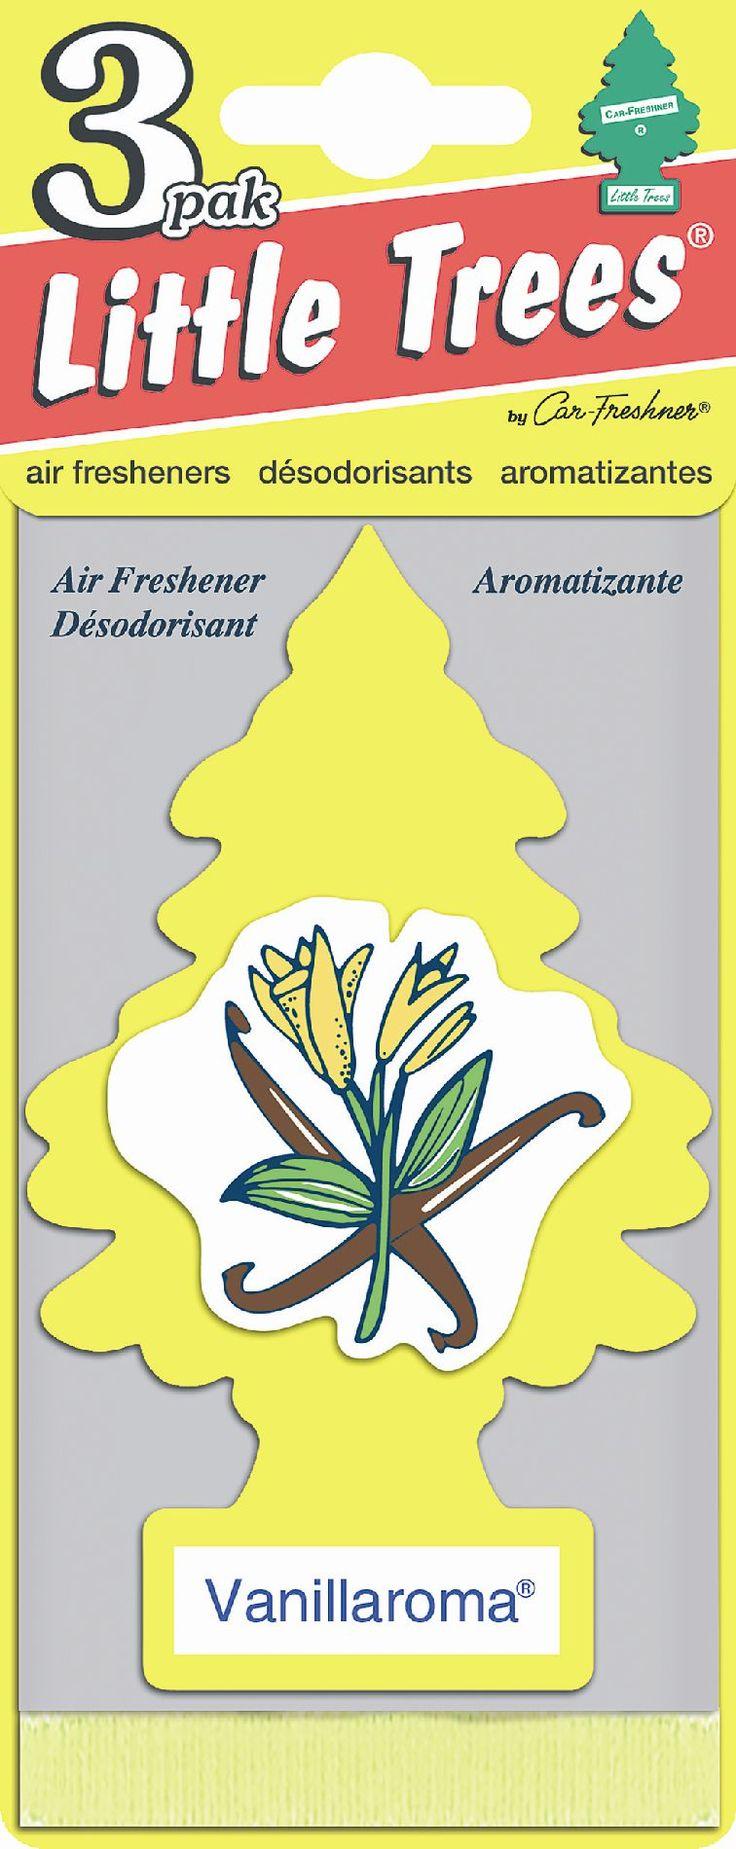 Car Freshner Little Trees Air Freshener 3 pack Vanillaroma